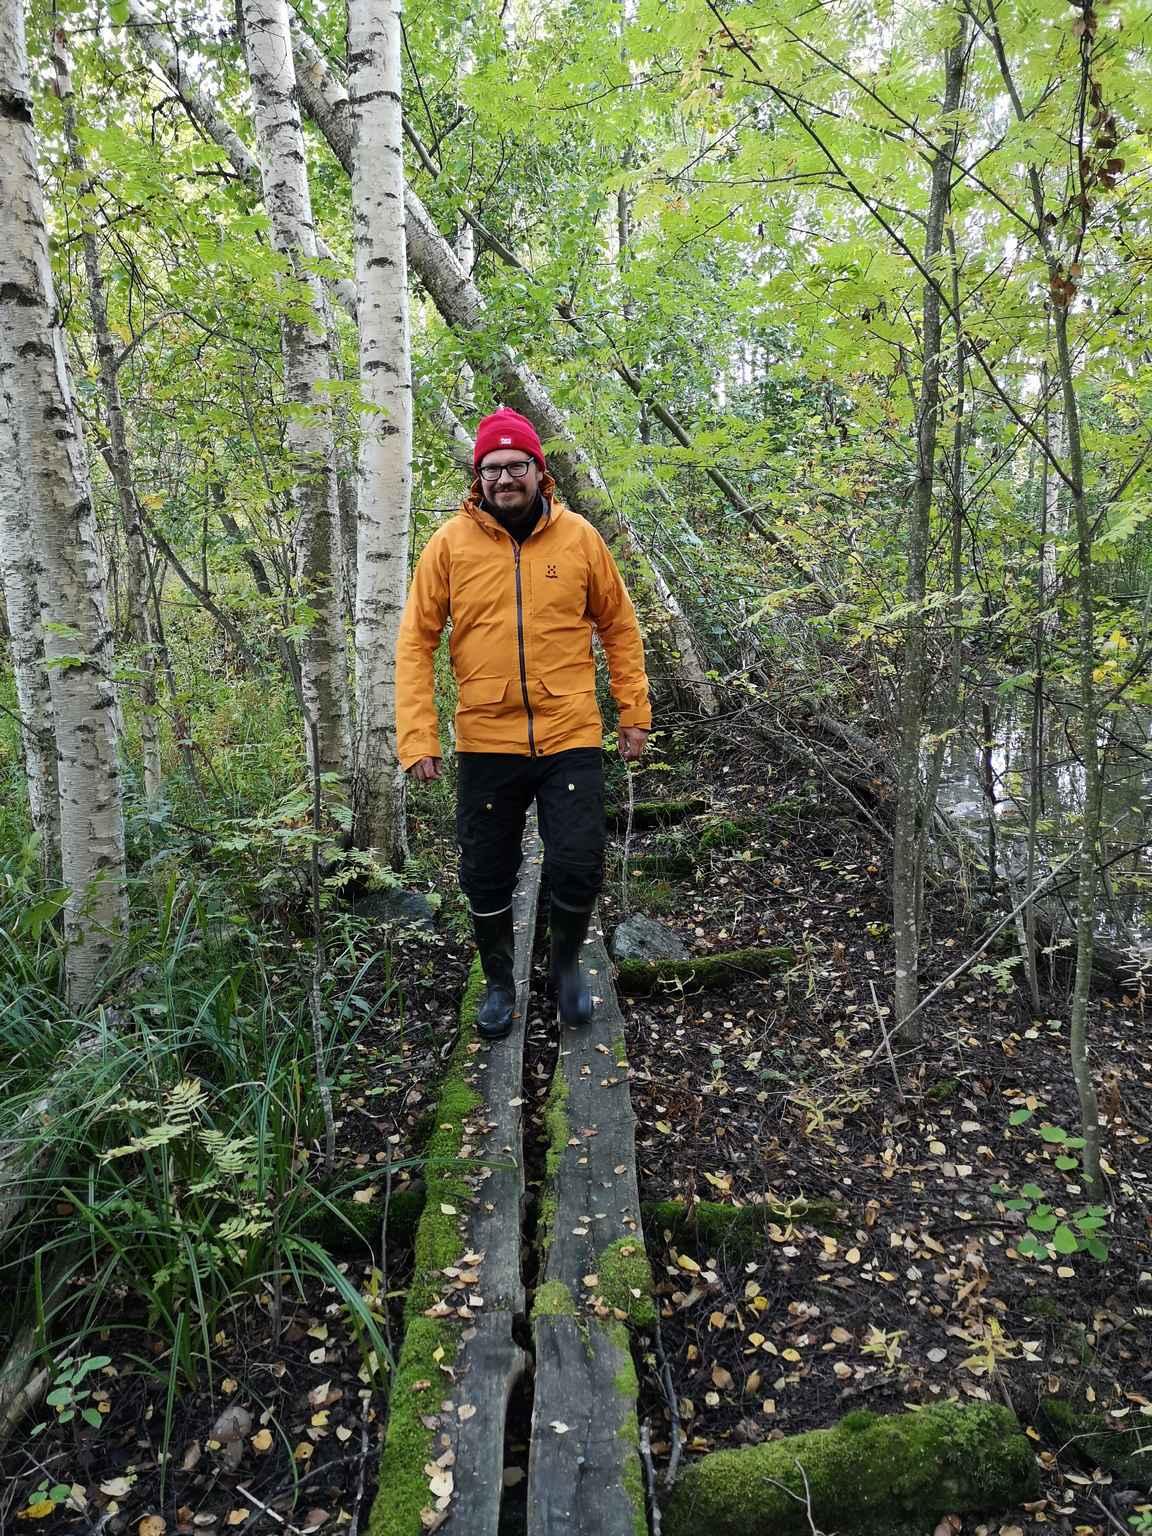 Härmälästä löytyy myös Vähäjärven lintulaiturin ympäristöstä käytöstä poistetut pitkospuut, joilla pääsee todelliselle viidakkoseikkailulle.